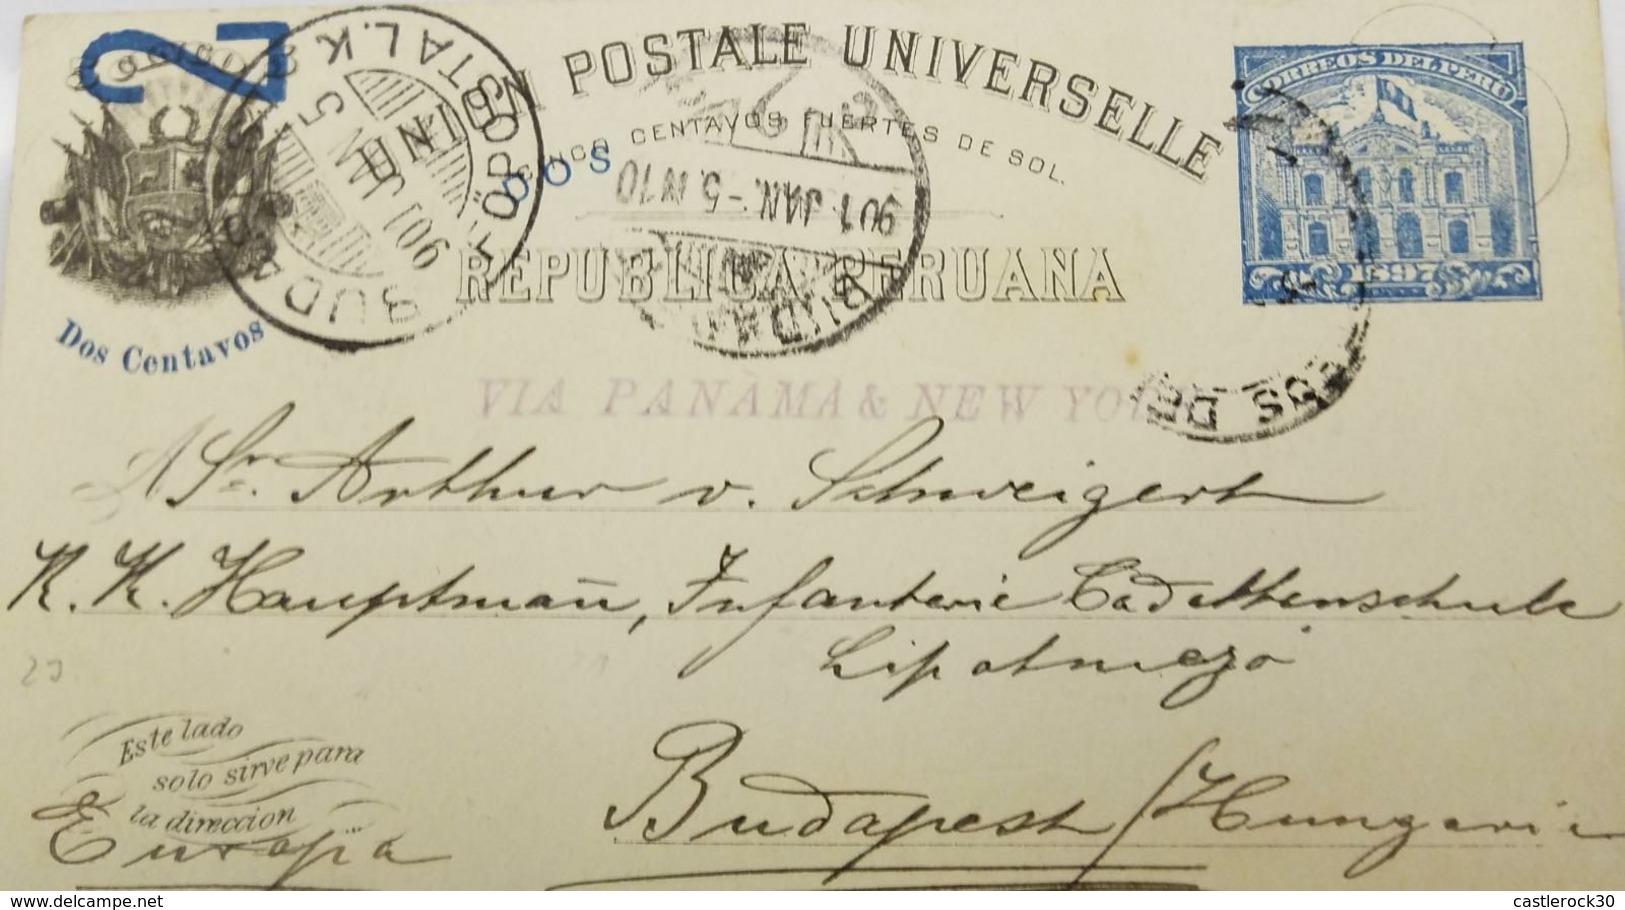 O) 1900 PERU, UPU, 2 CENTAVOS FUERTES DE SOL, POSTAL STATIONERY VIA PANAMA AND  NEW YORK  TO HUNGARY, POST AND TELEGRAPH - Peru